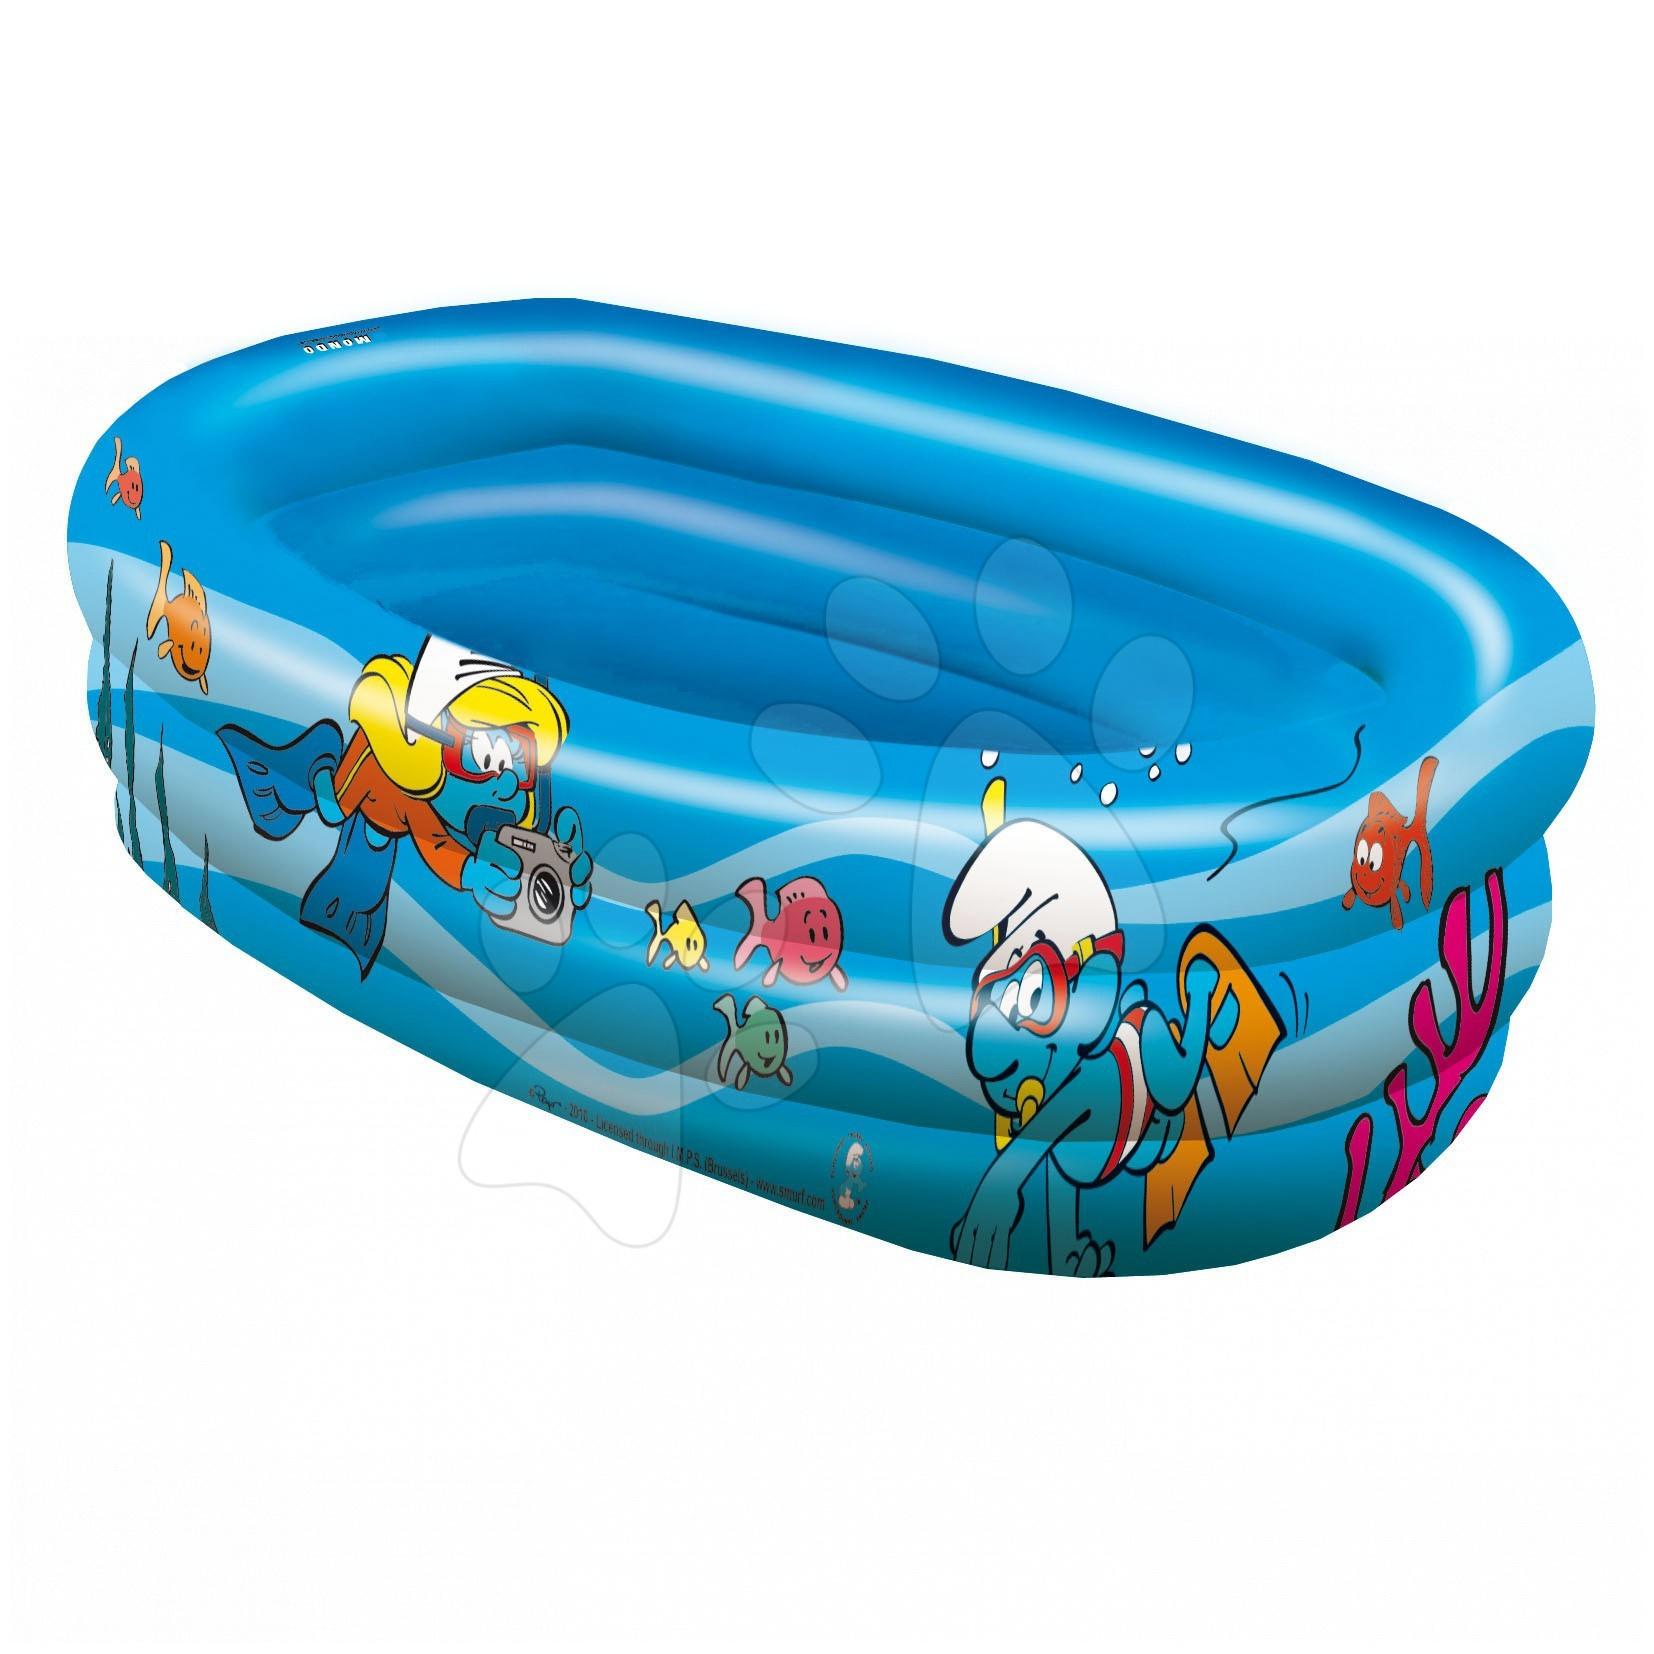 Nafukovací bazén Šmoulové Mondo tříkomorový od 10 měsíců